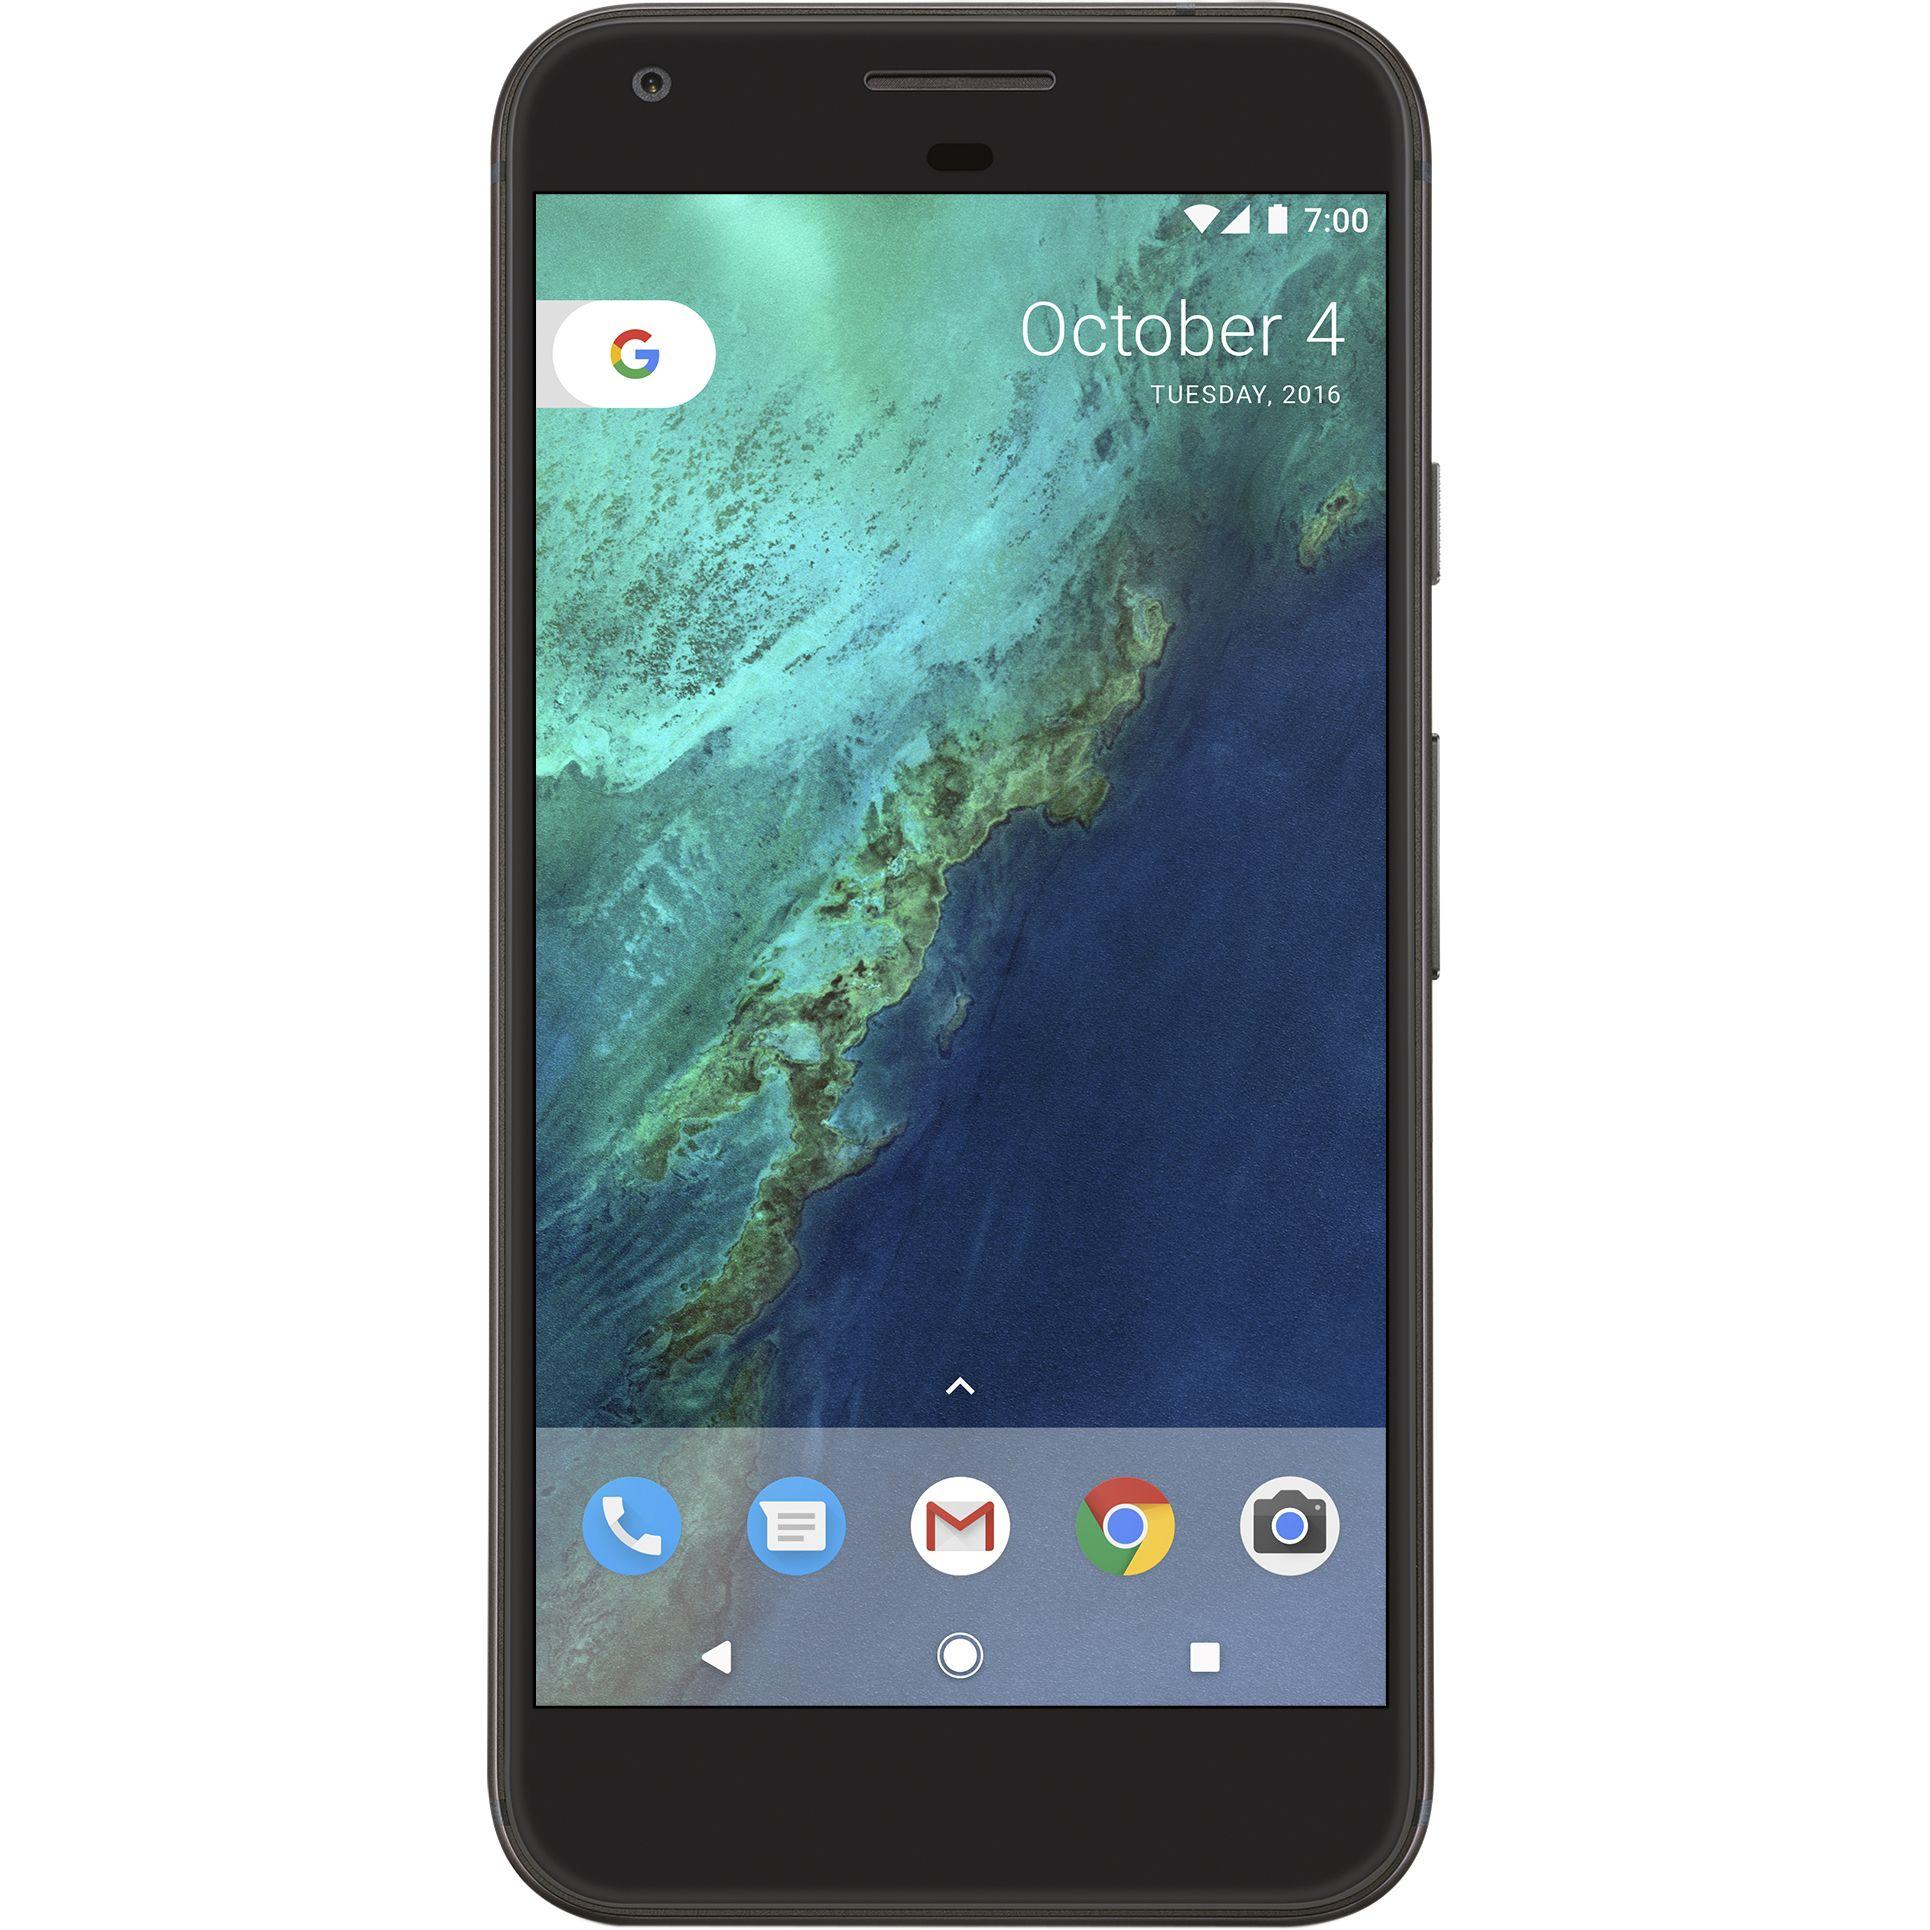 Google Pixel 32GB Black, Unltd Mins, Unltd Txts, 5GB 4G Data, £27.99PM on EE w/ £10 upfront with code (£681.76 total) @ Mobiles.co.uk